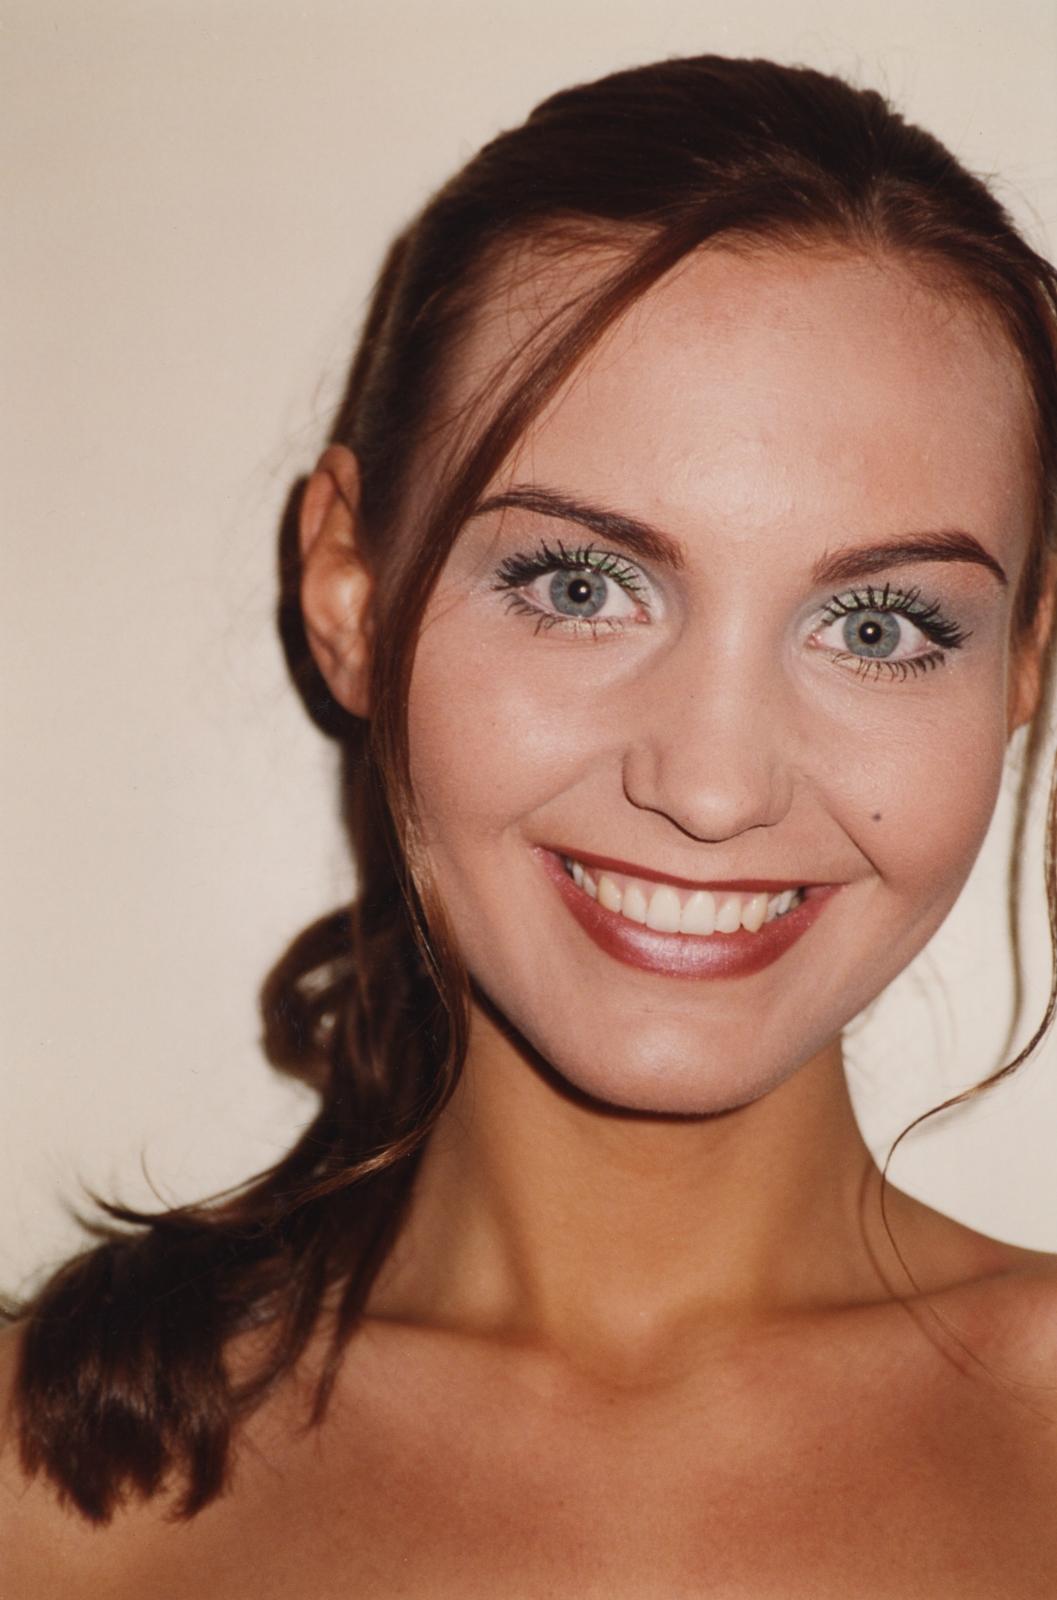 JUERGEN TELLER, Miss Poland, 2000